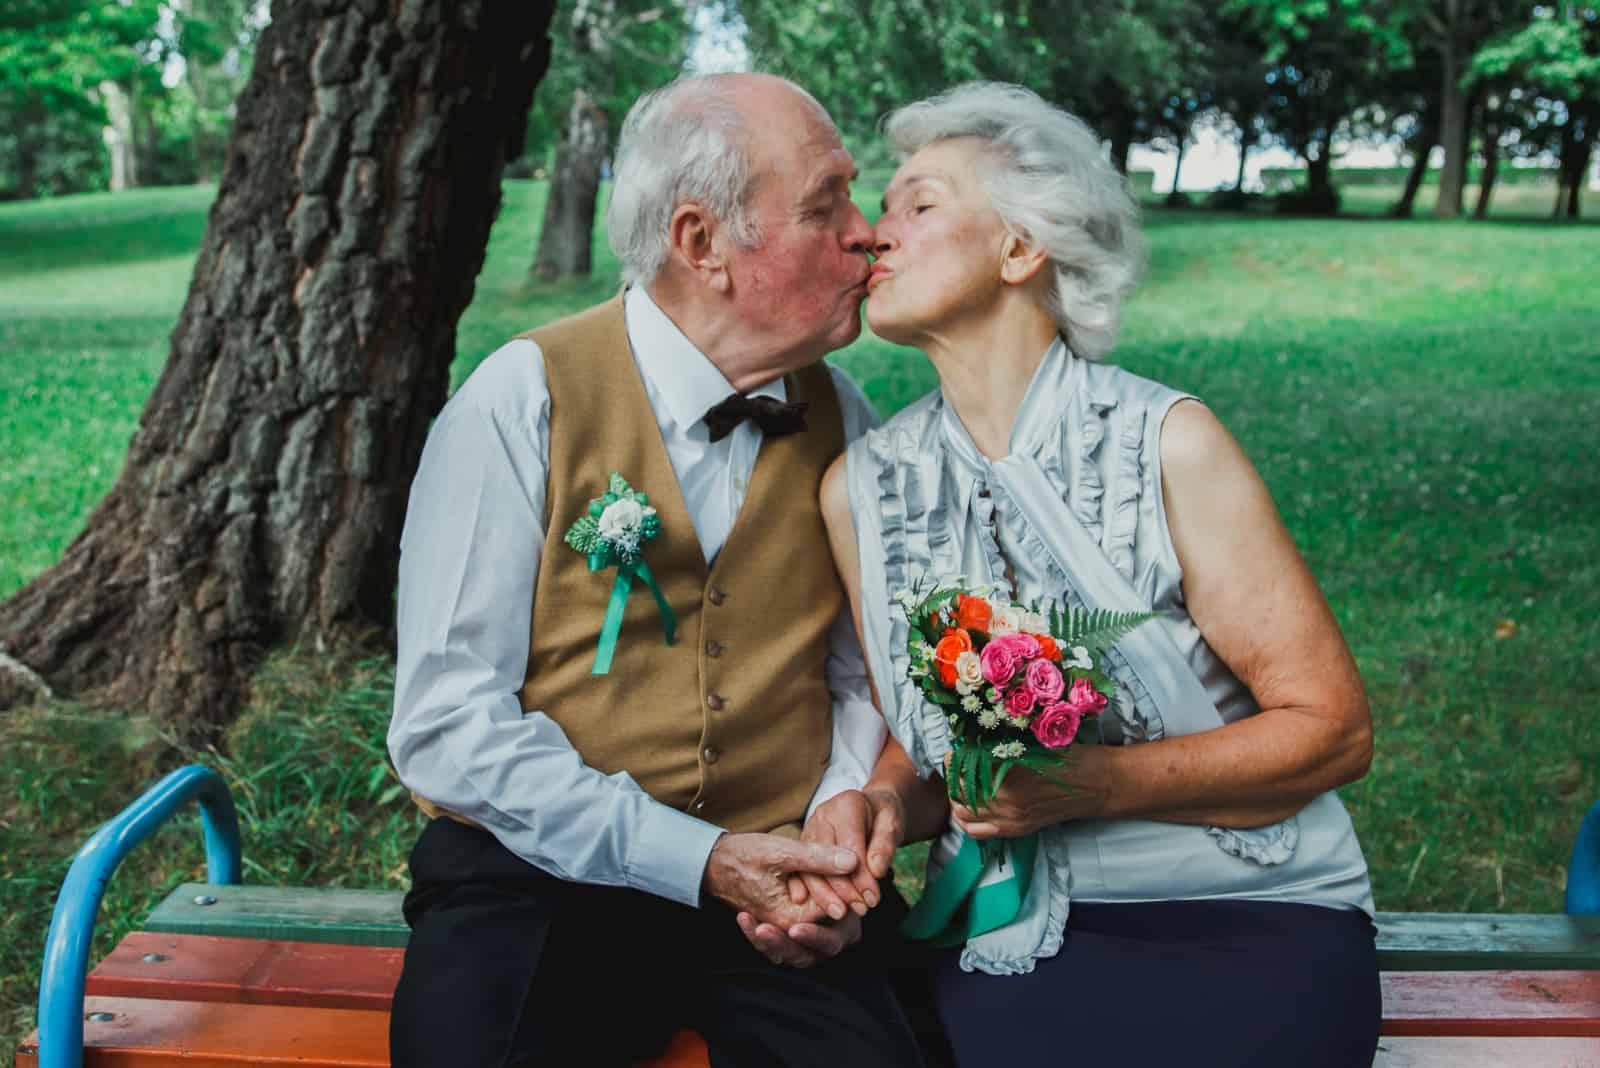 un homme et une femme s'embrassant sur un banc